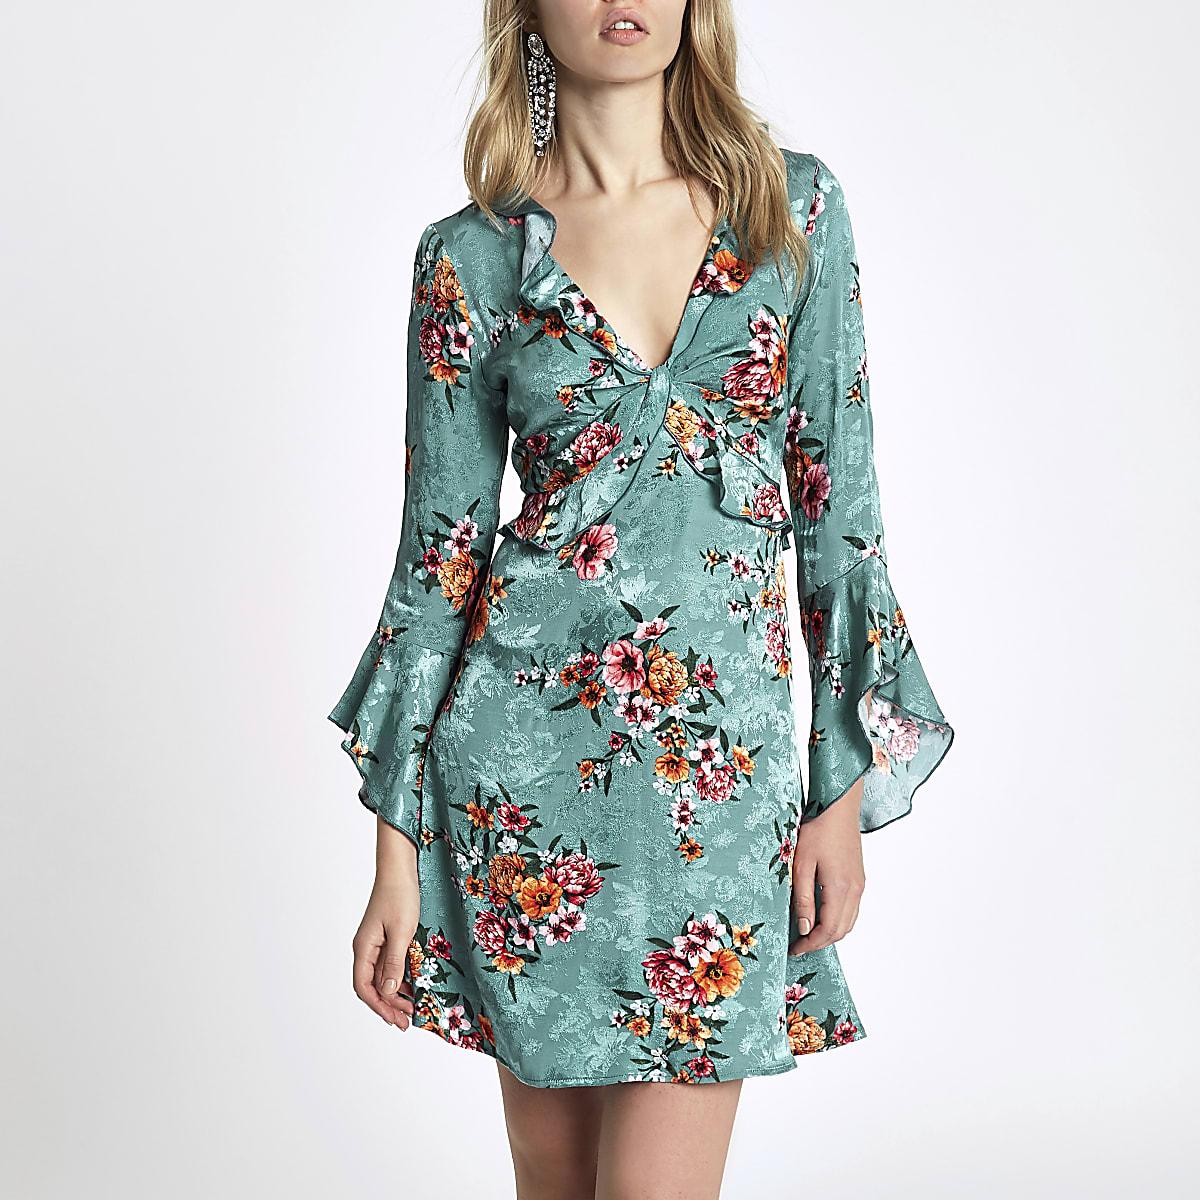 Blauwe jurk met bloemenprint, ruches voor en uitsnede op de rug